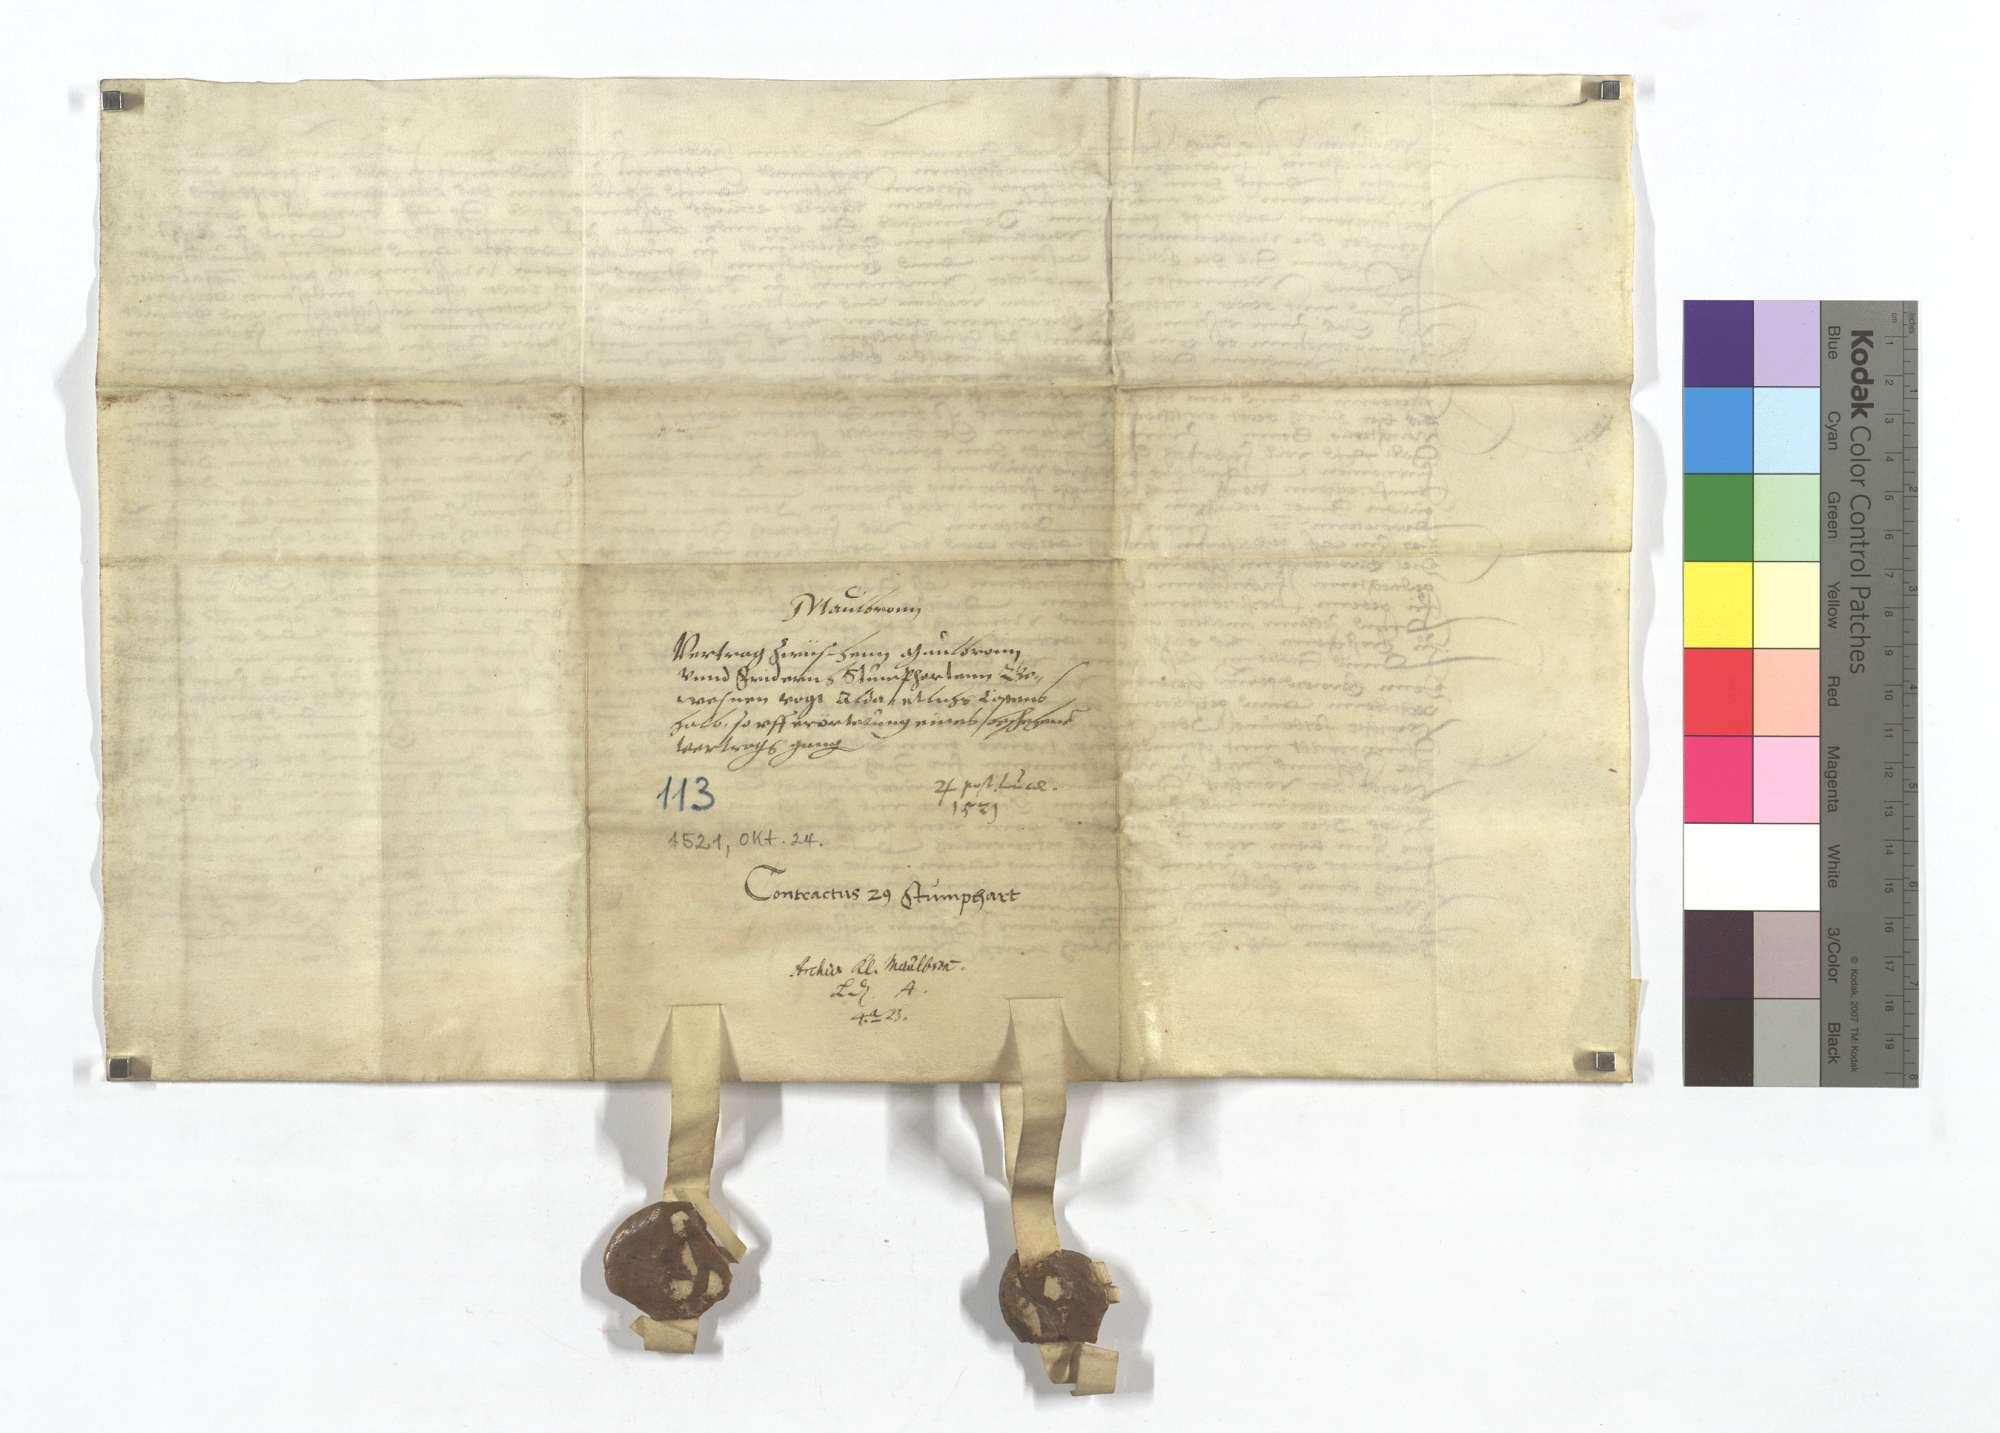 Vertrag zwischen dem Kloster Maulbronn und dem zwischen Vogt Stumphardt dort wegen etlichen auf die Erörterung eines alten Vertrags gegangenen Kosten., Rückseite